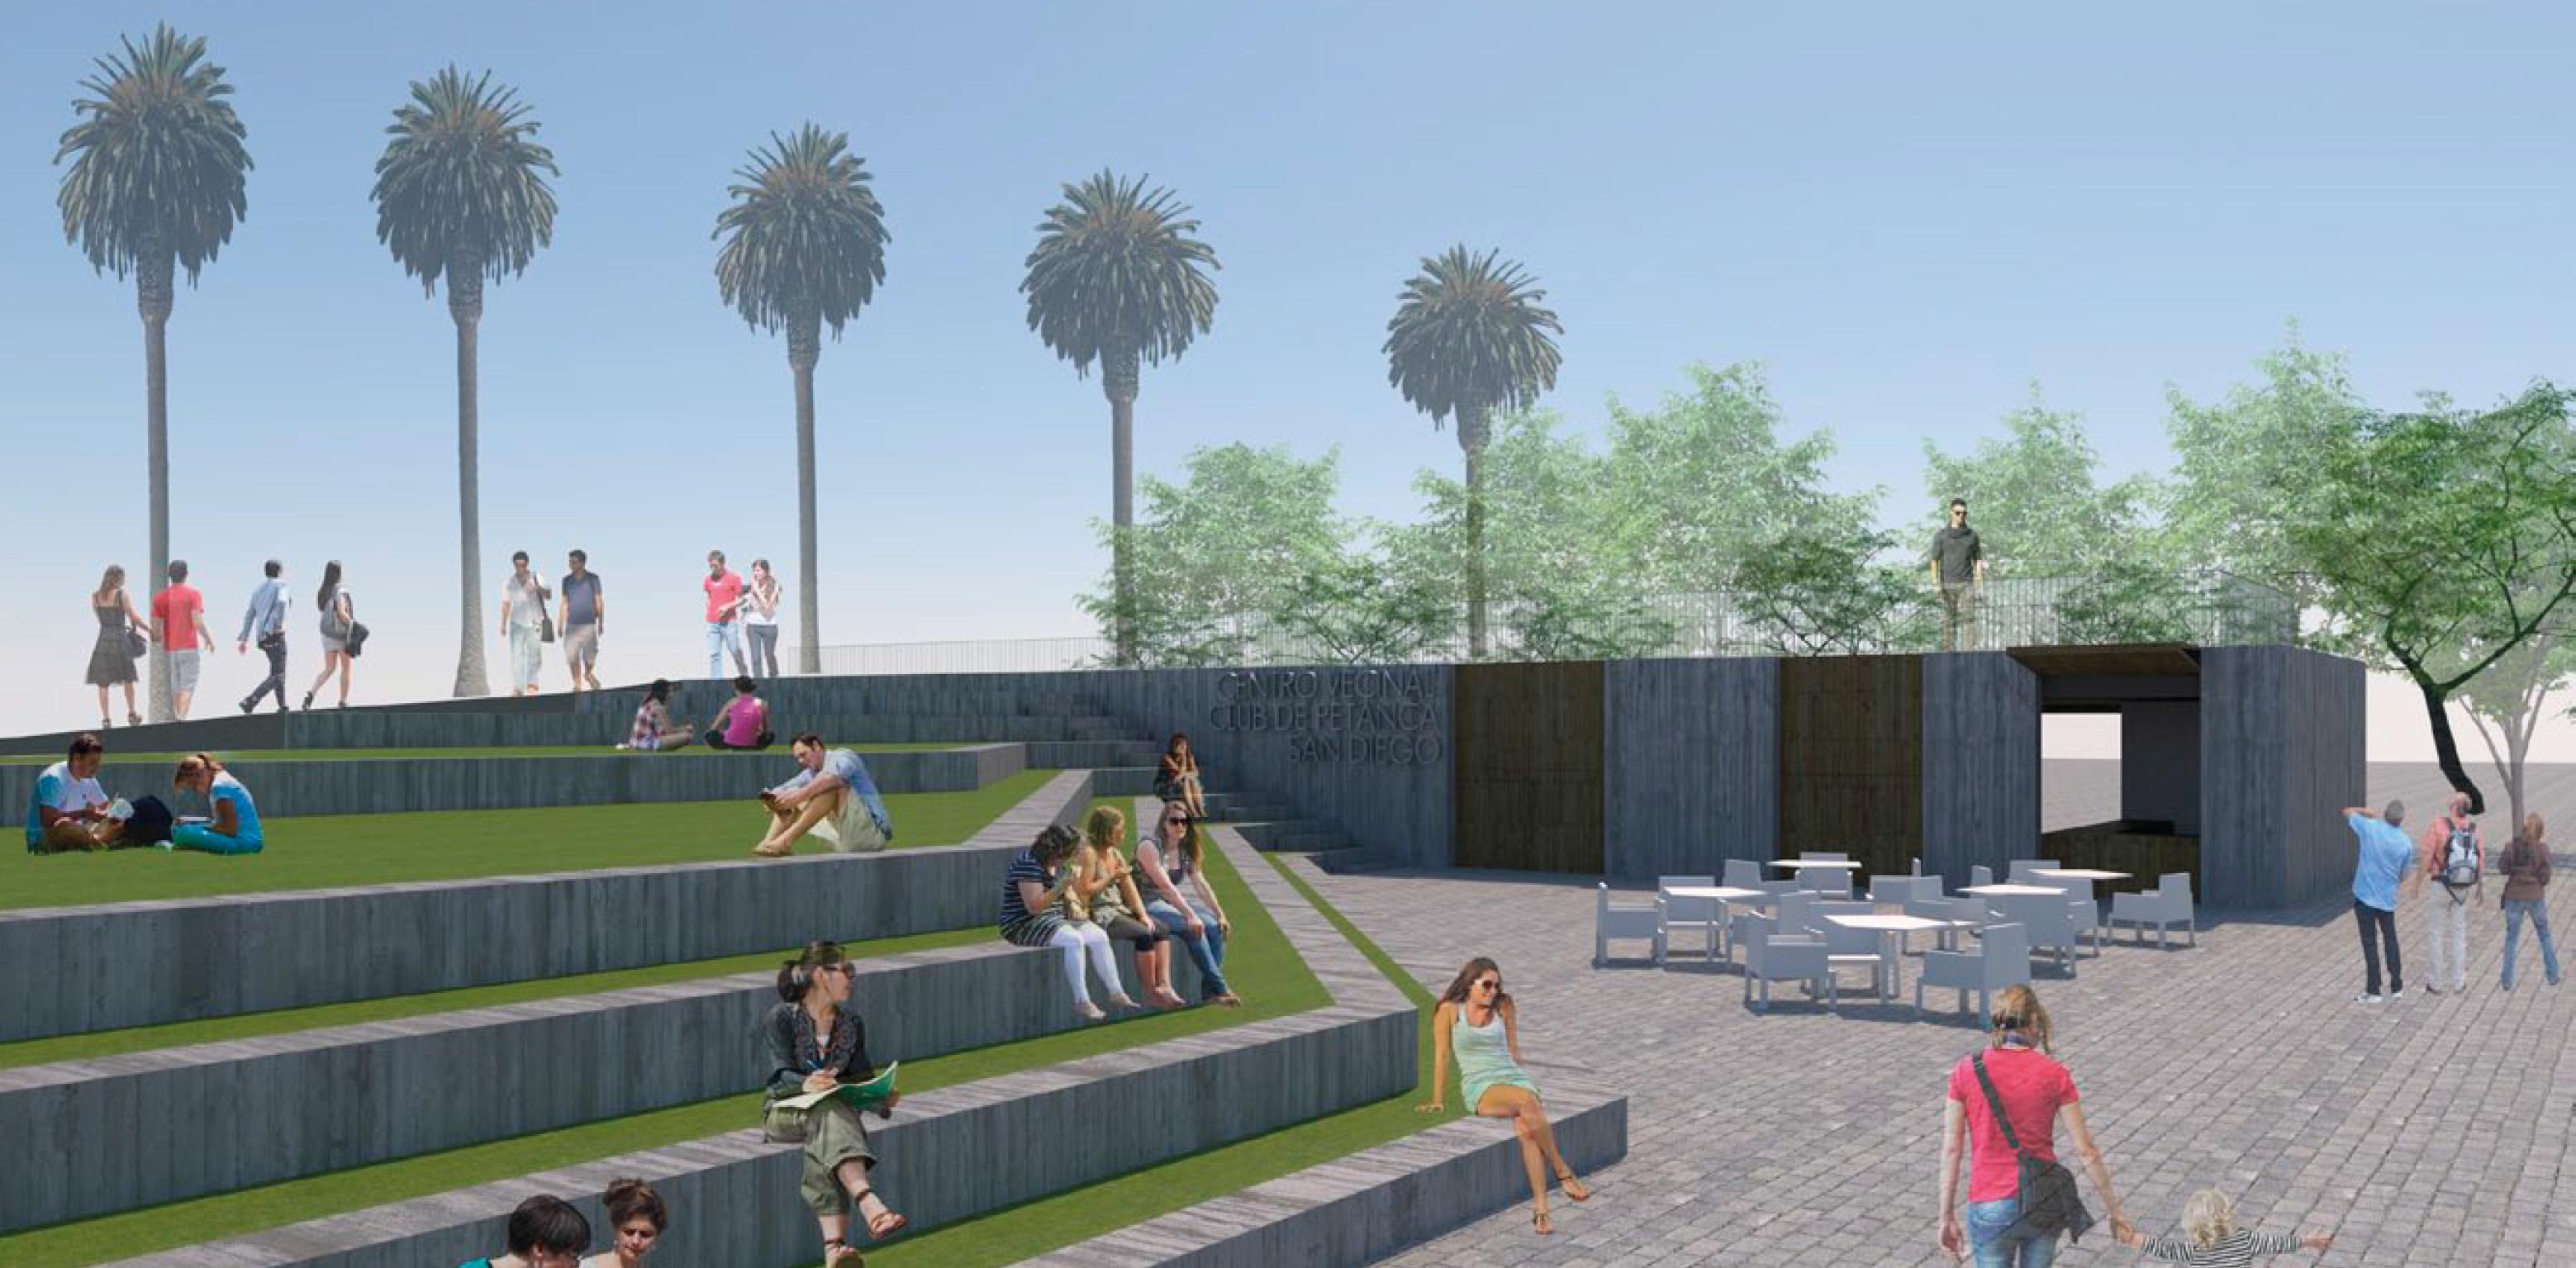 Renovación urbana del Barrio de San Diego